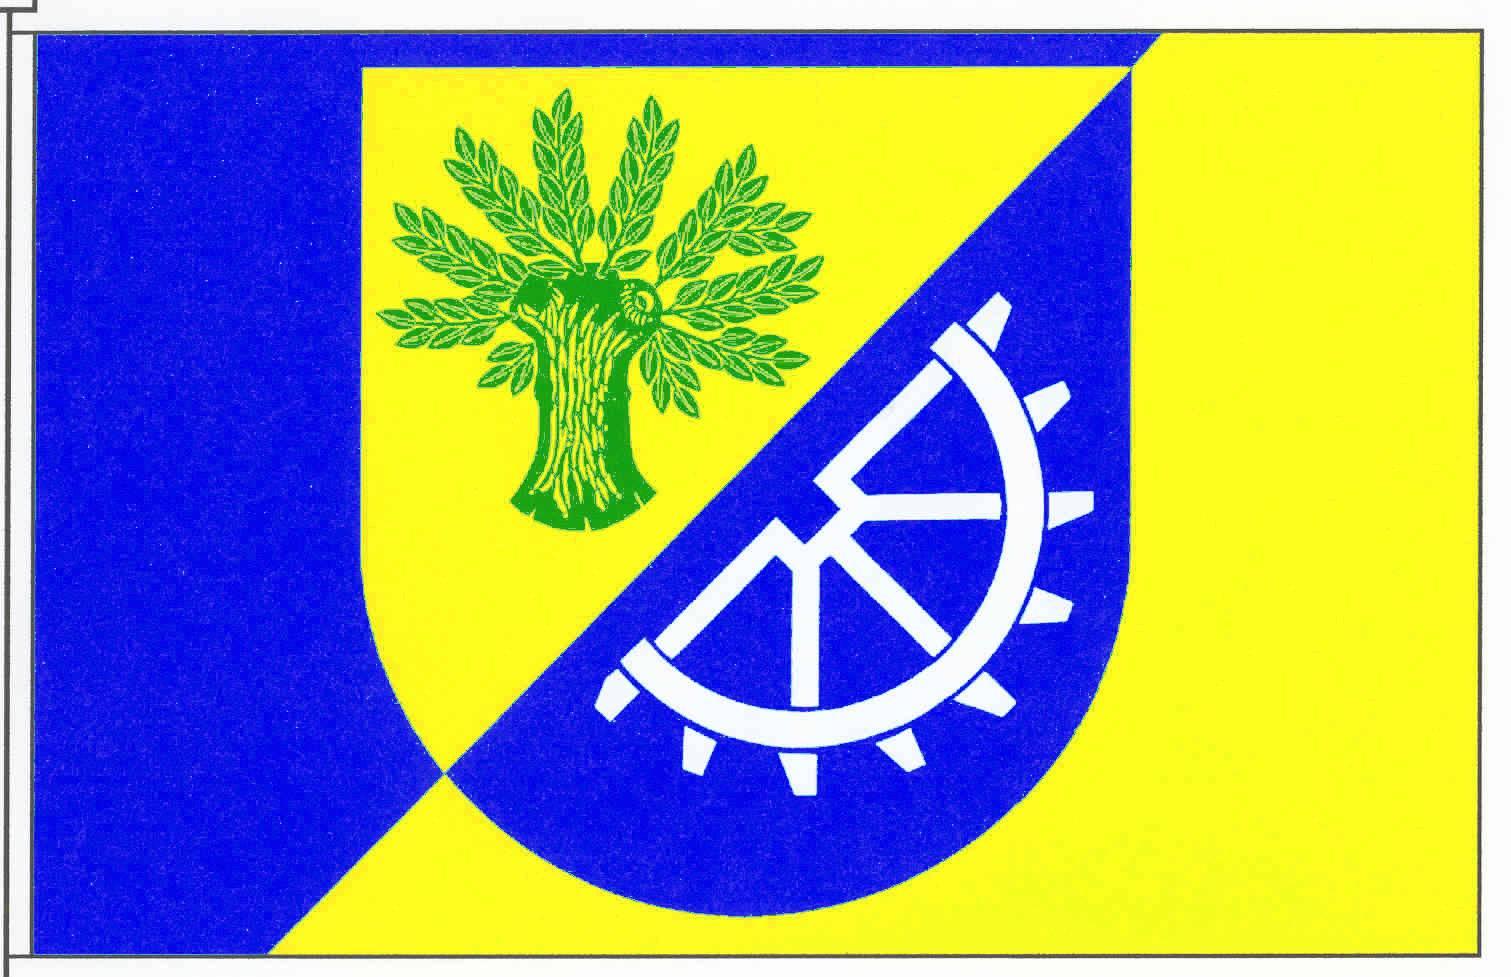 Flagge GemeindeSelk, Kreis Schleswig-Flensburg